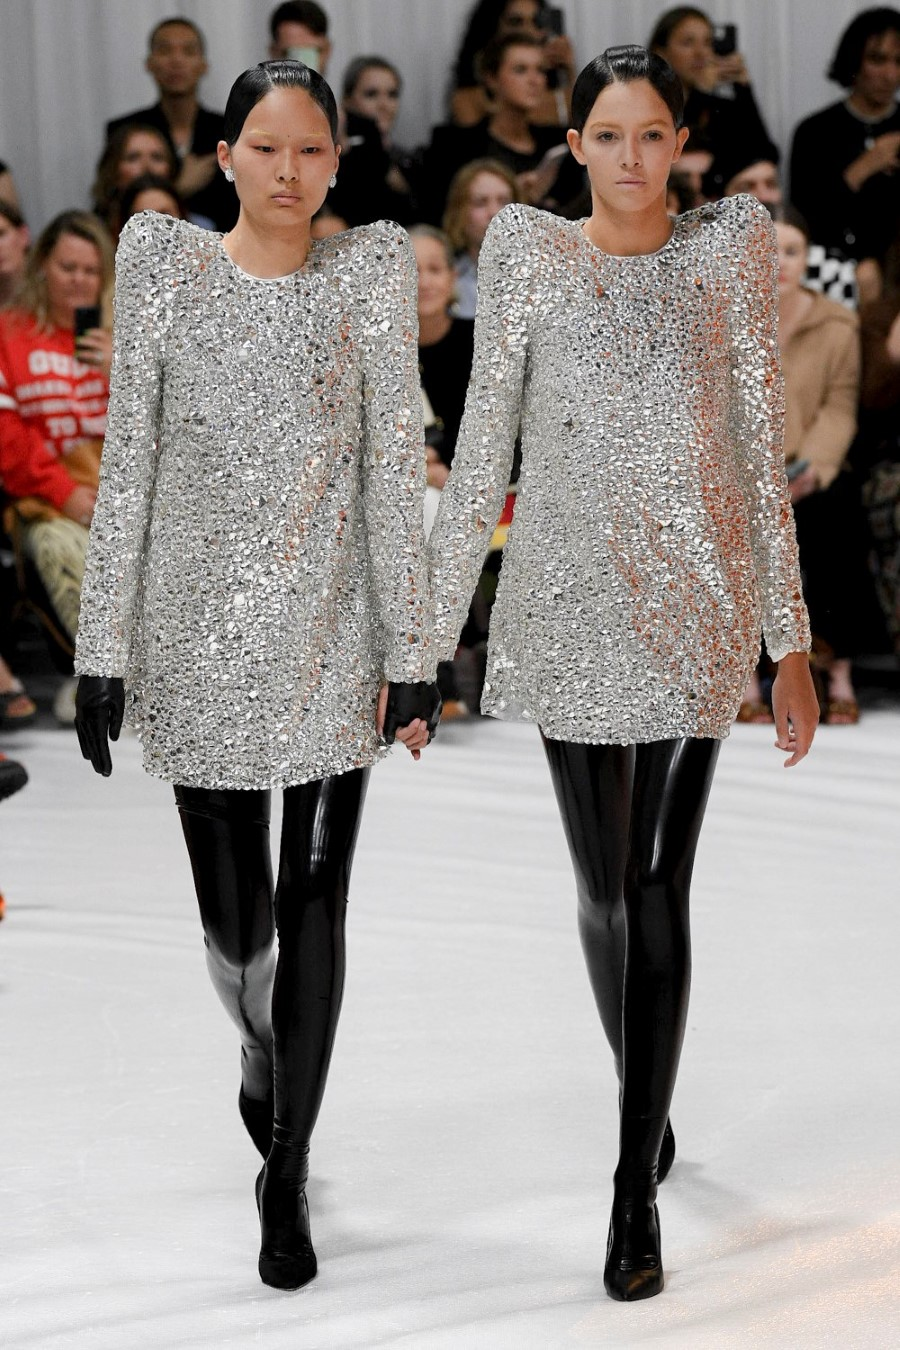 Richard Quinn Spring Summer 2022 - London Fashion Week